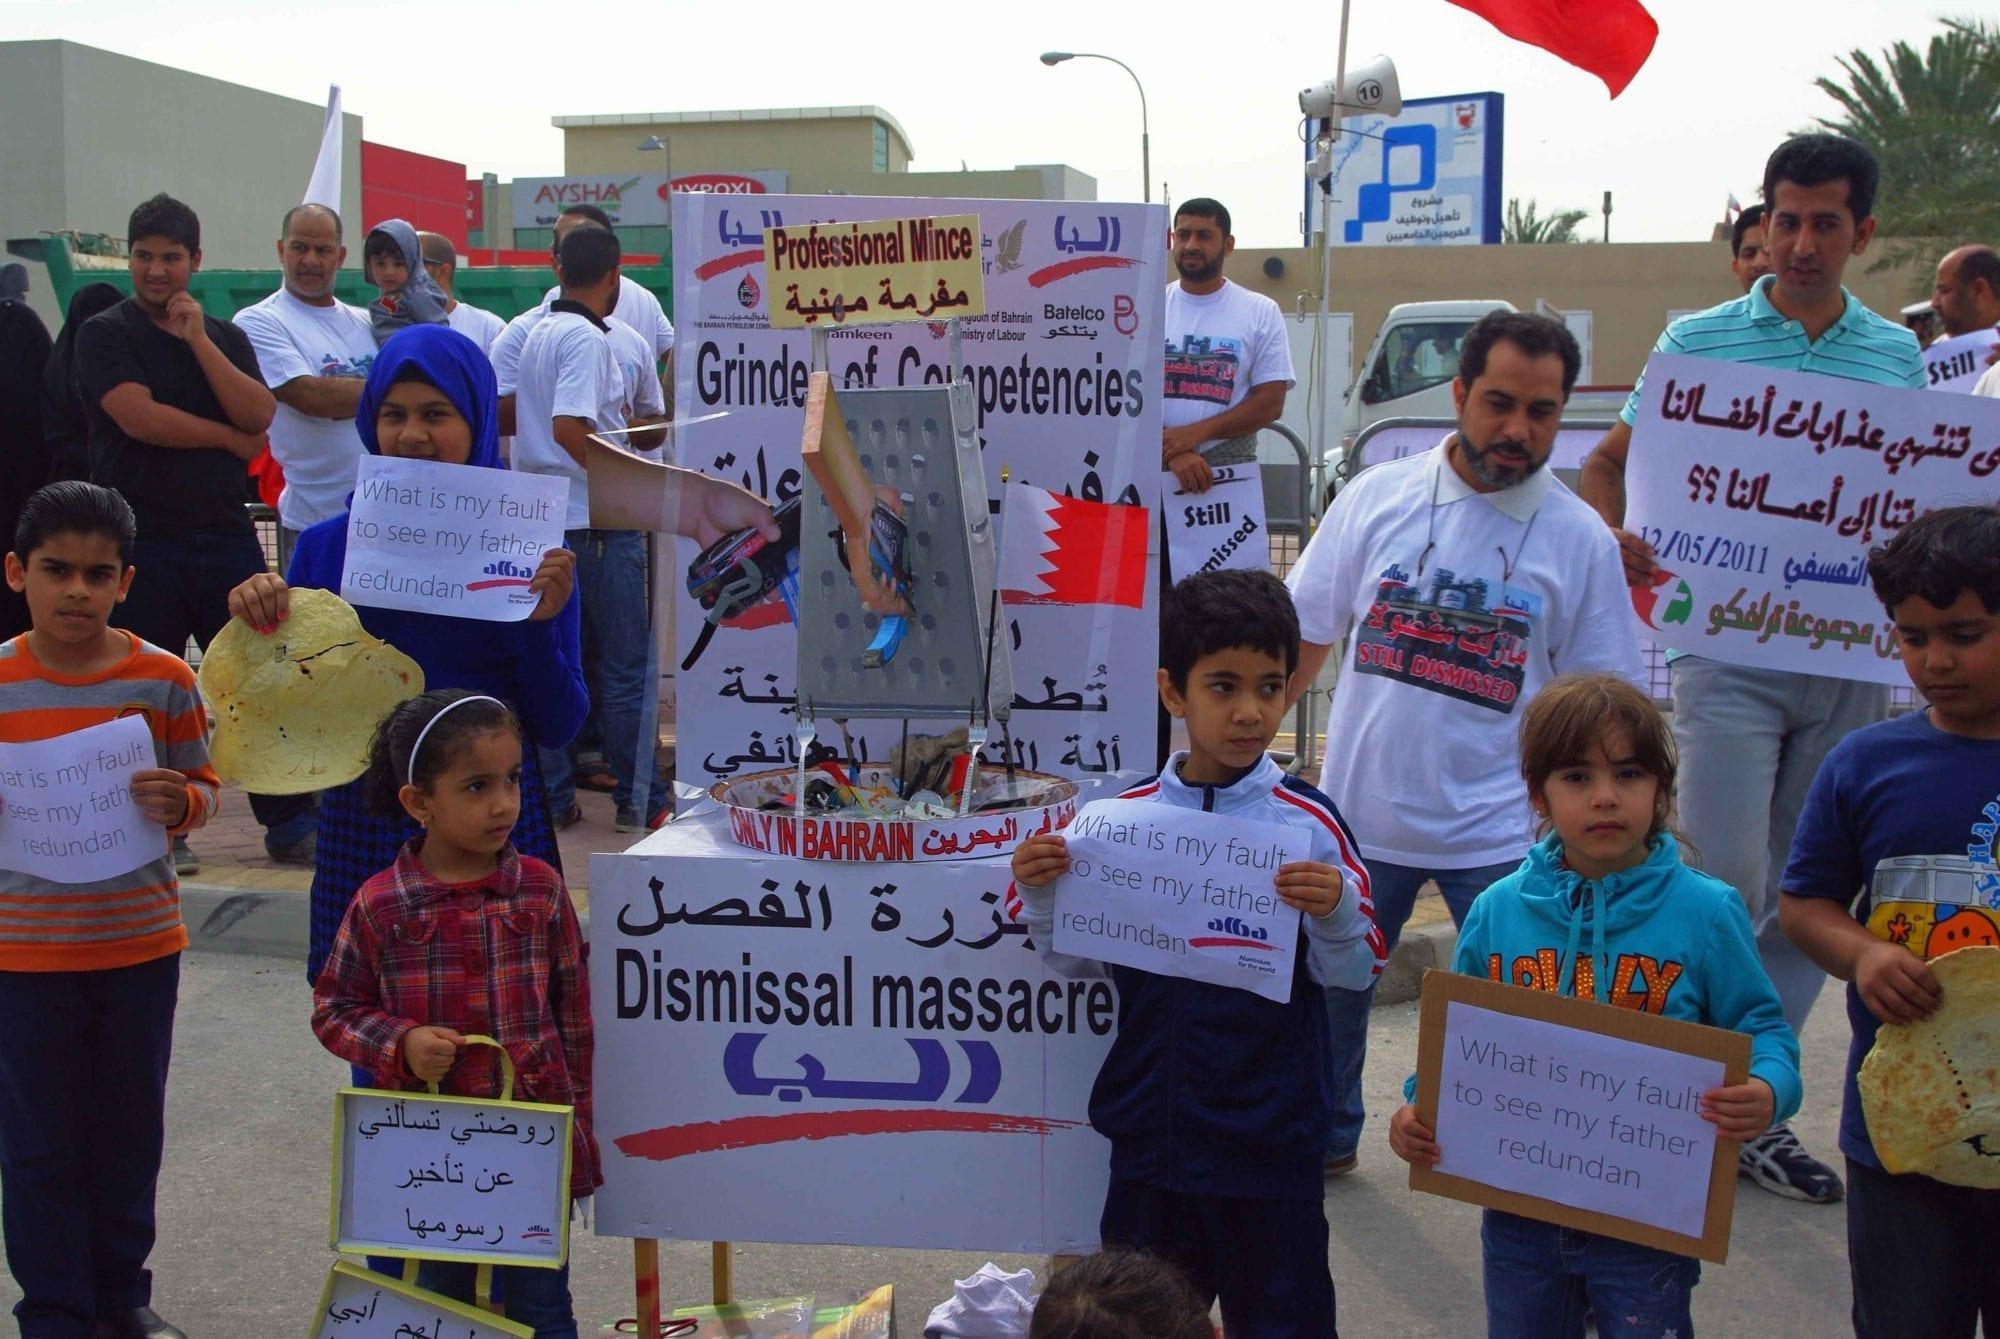 Repression Still Reigns in Bahrain on Feb. 14 Anniversary